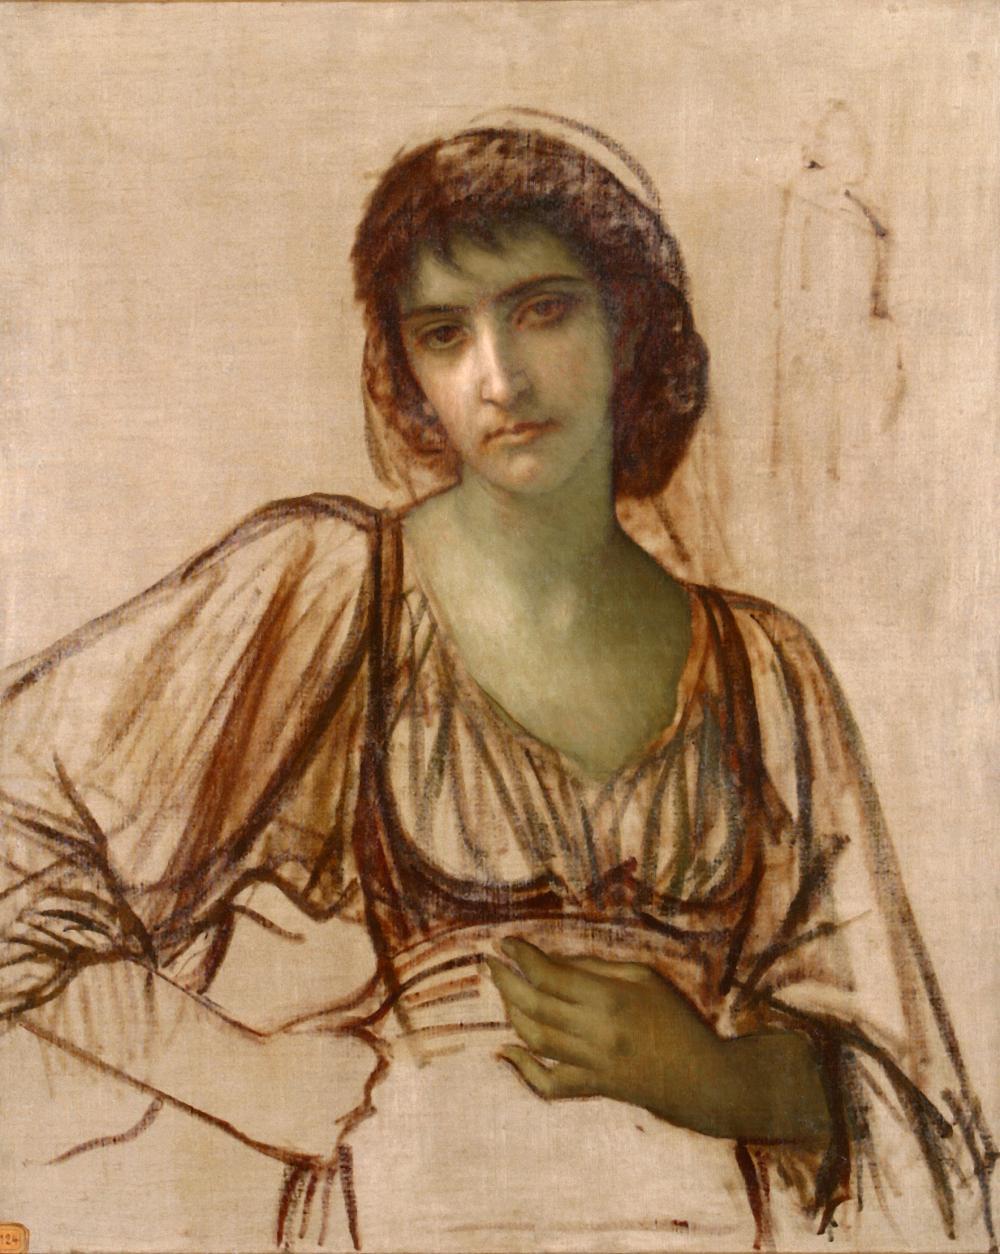 E.Hébert, Paysanne Ciociara, entre 1881 et 1886